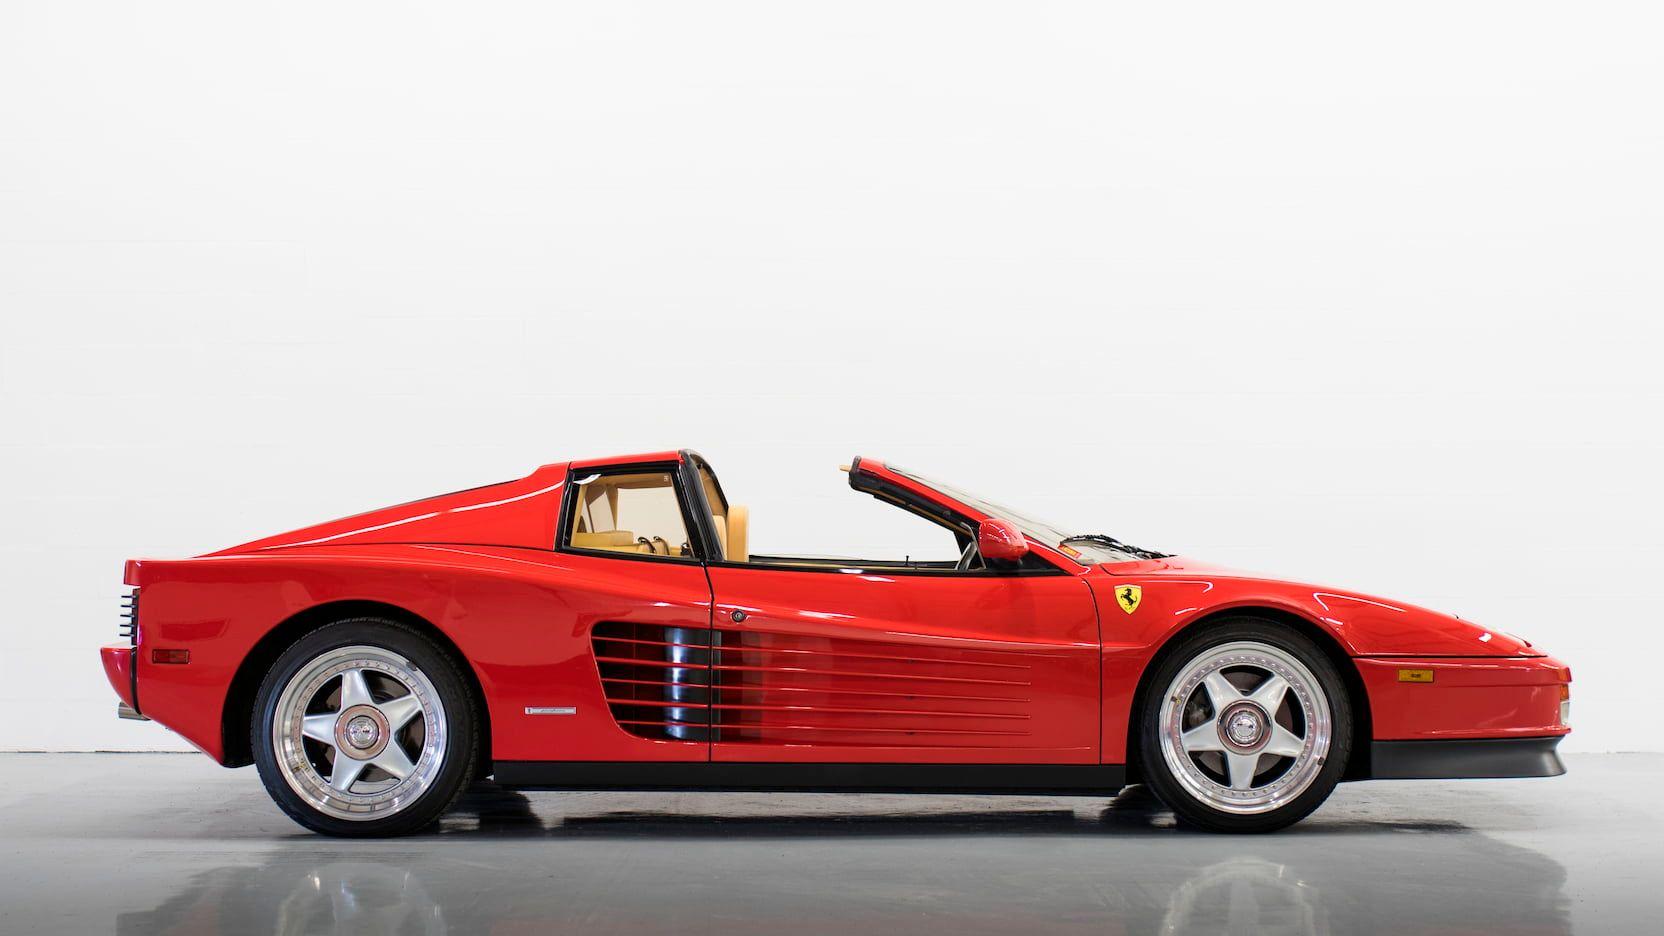 κόκκινη Ferrari Testarossa